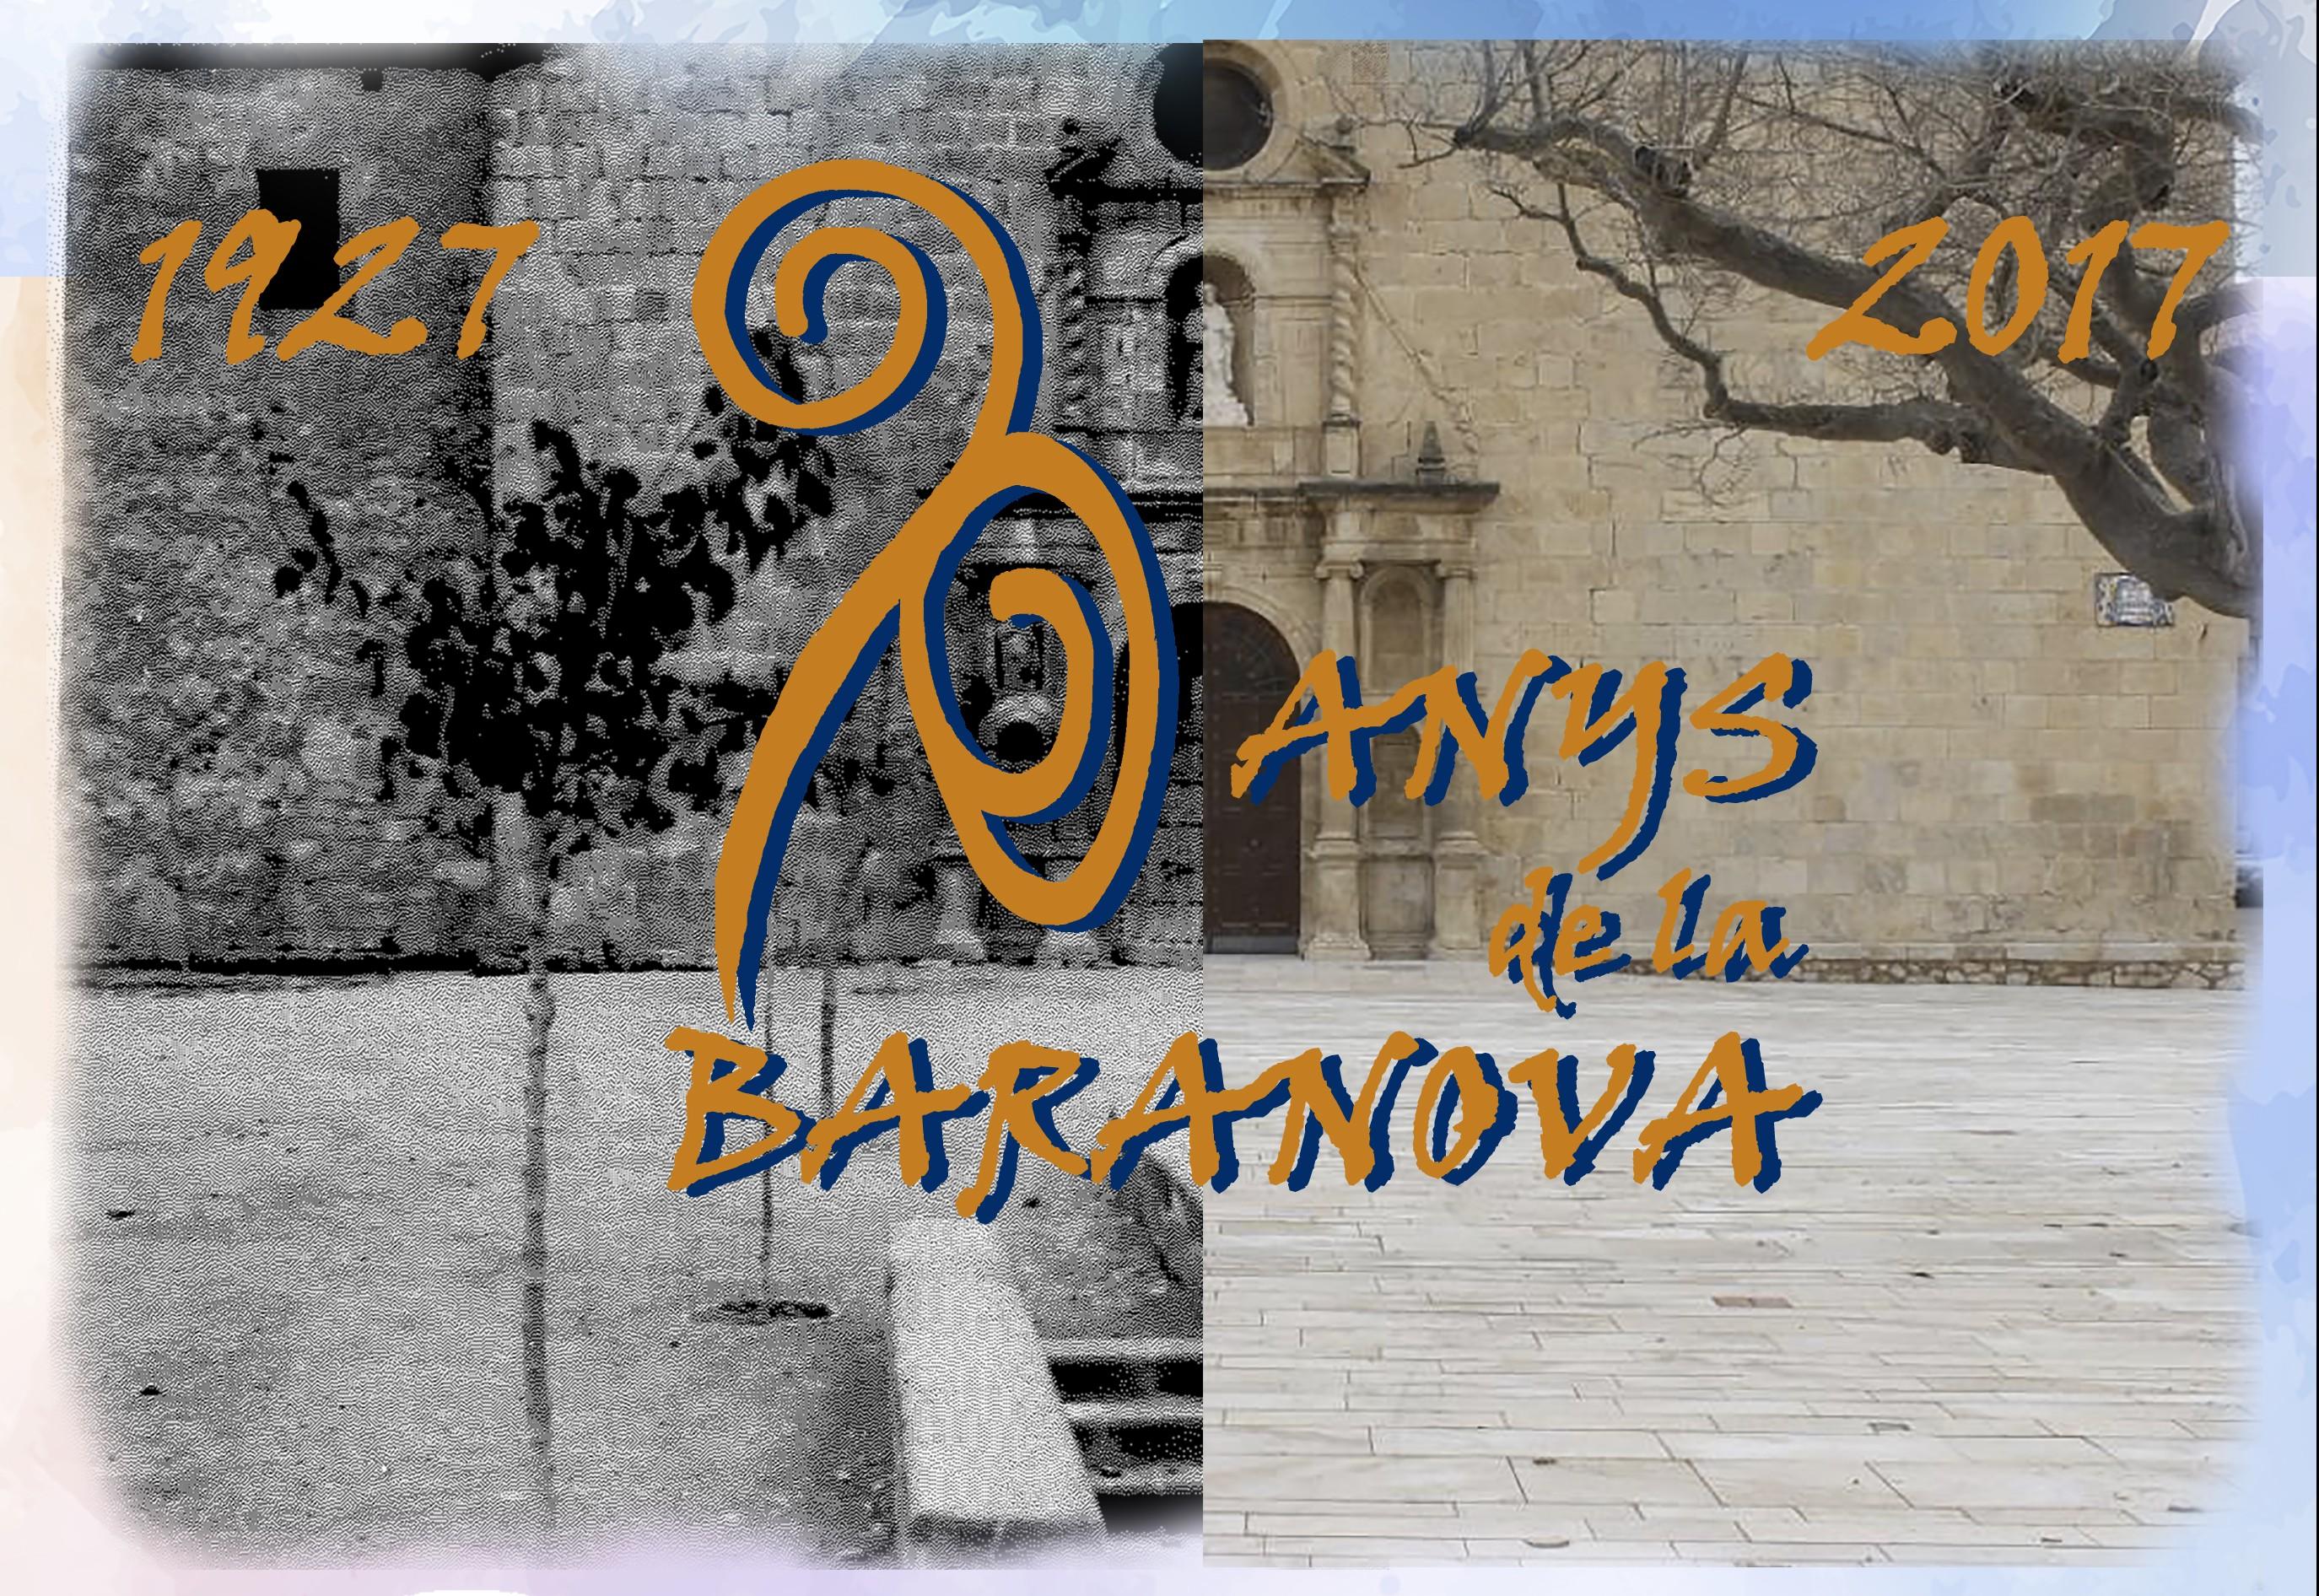 90 anys Baranova